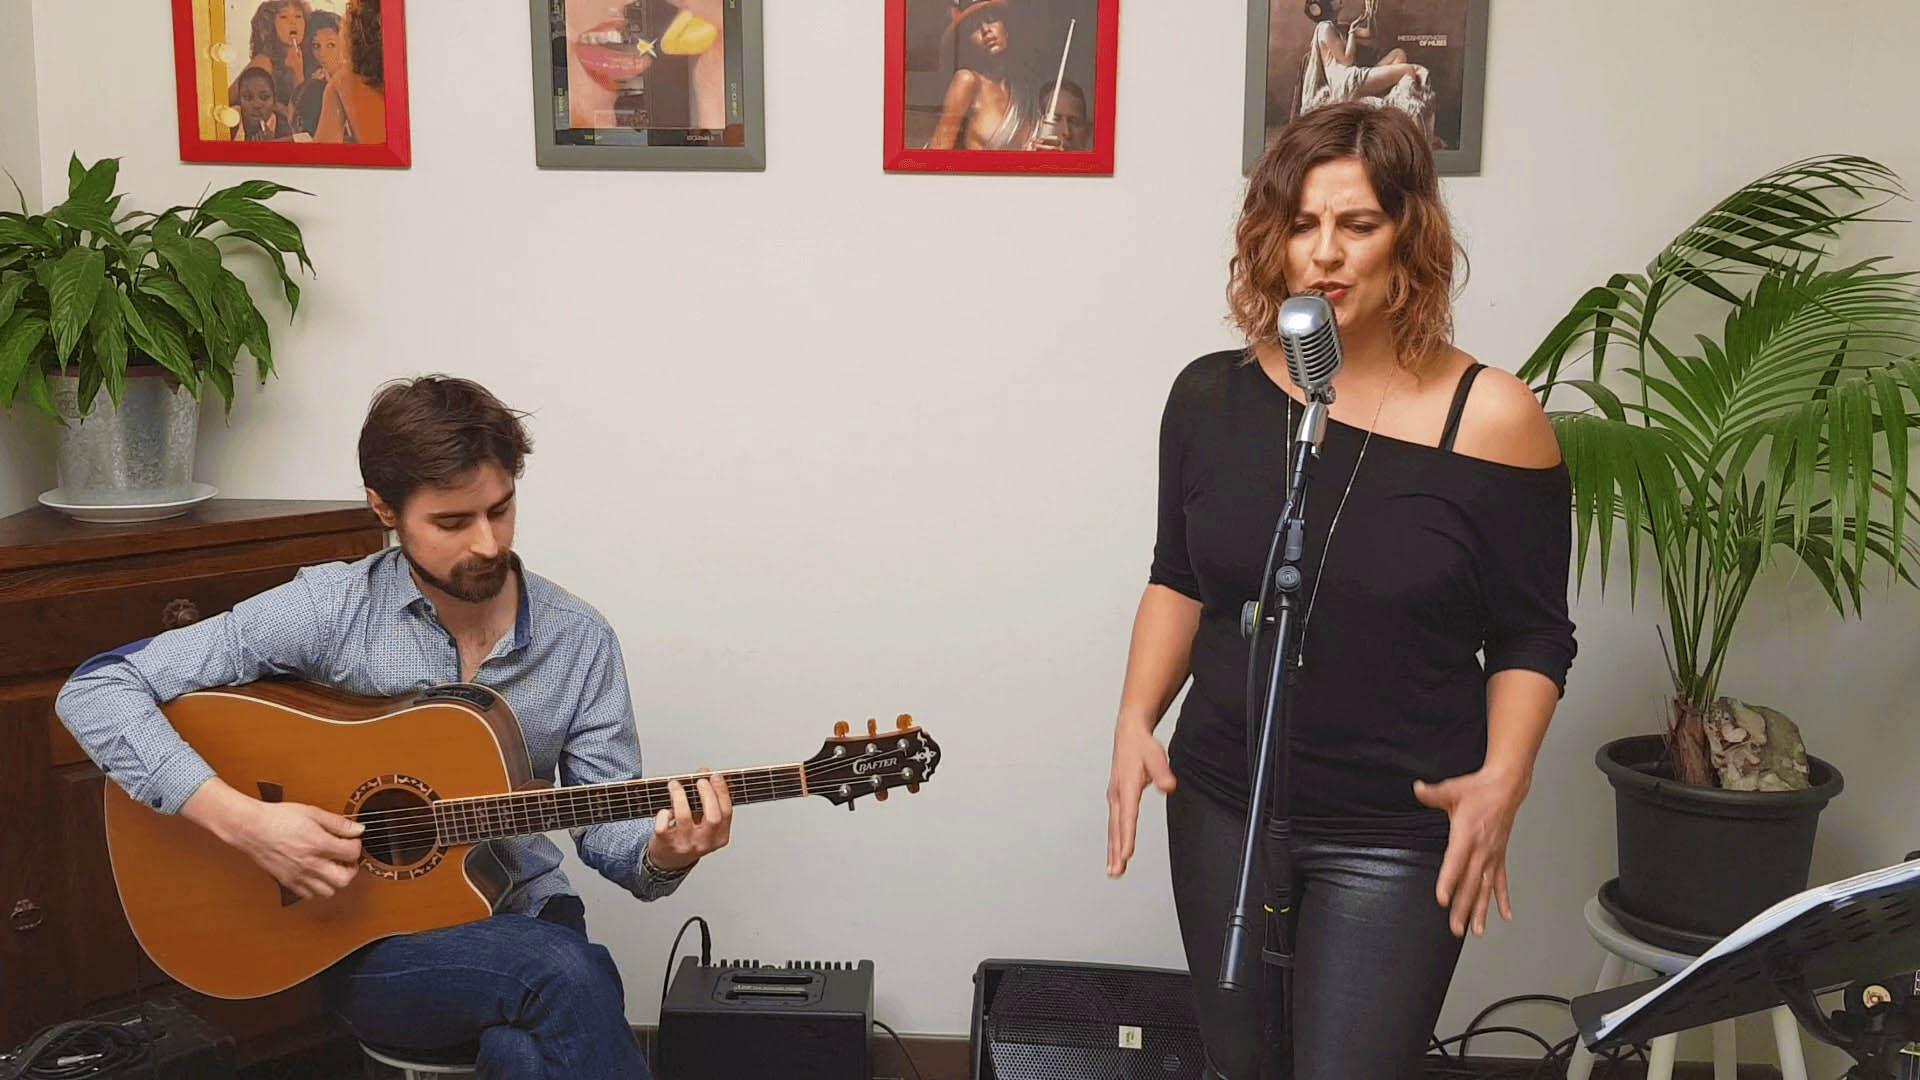 duo reprise musique actuelle lille et hauts de fance pour mariage cérémonie vin d'honneur messe laicque